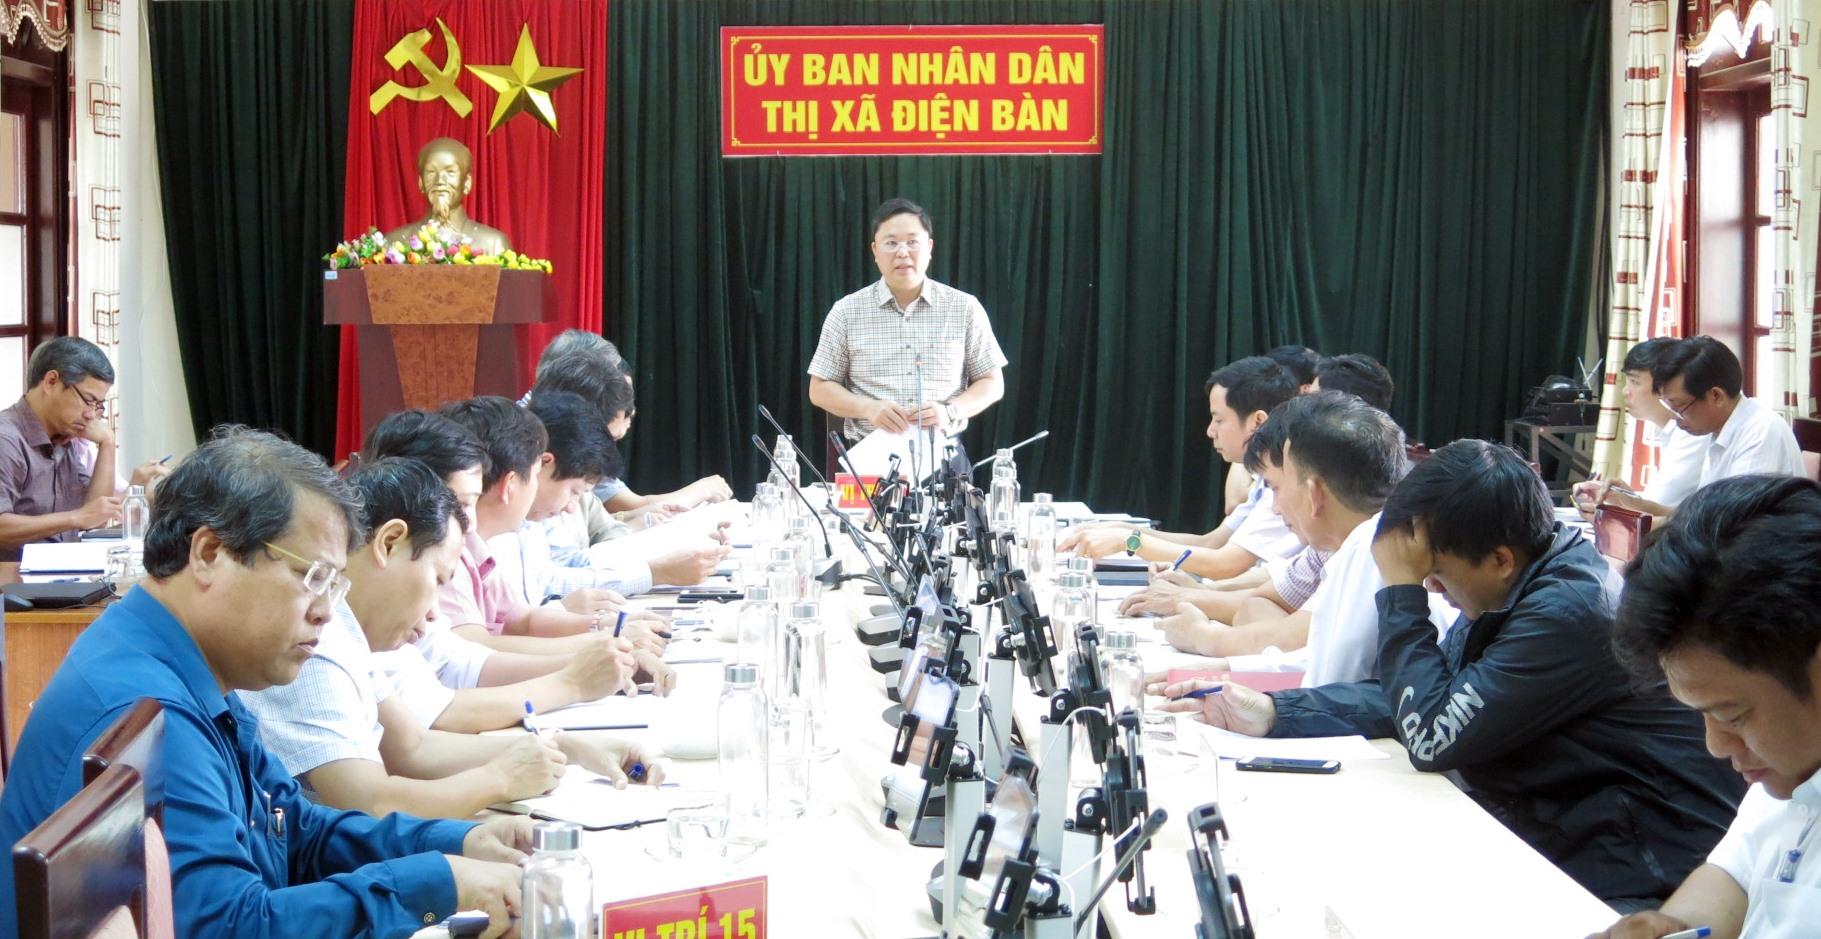 ...và chủ trì cuộc họp với thị xã Điện Bàn.